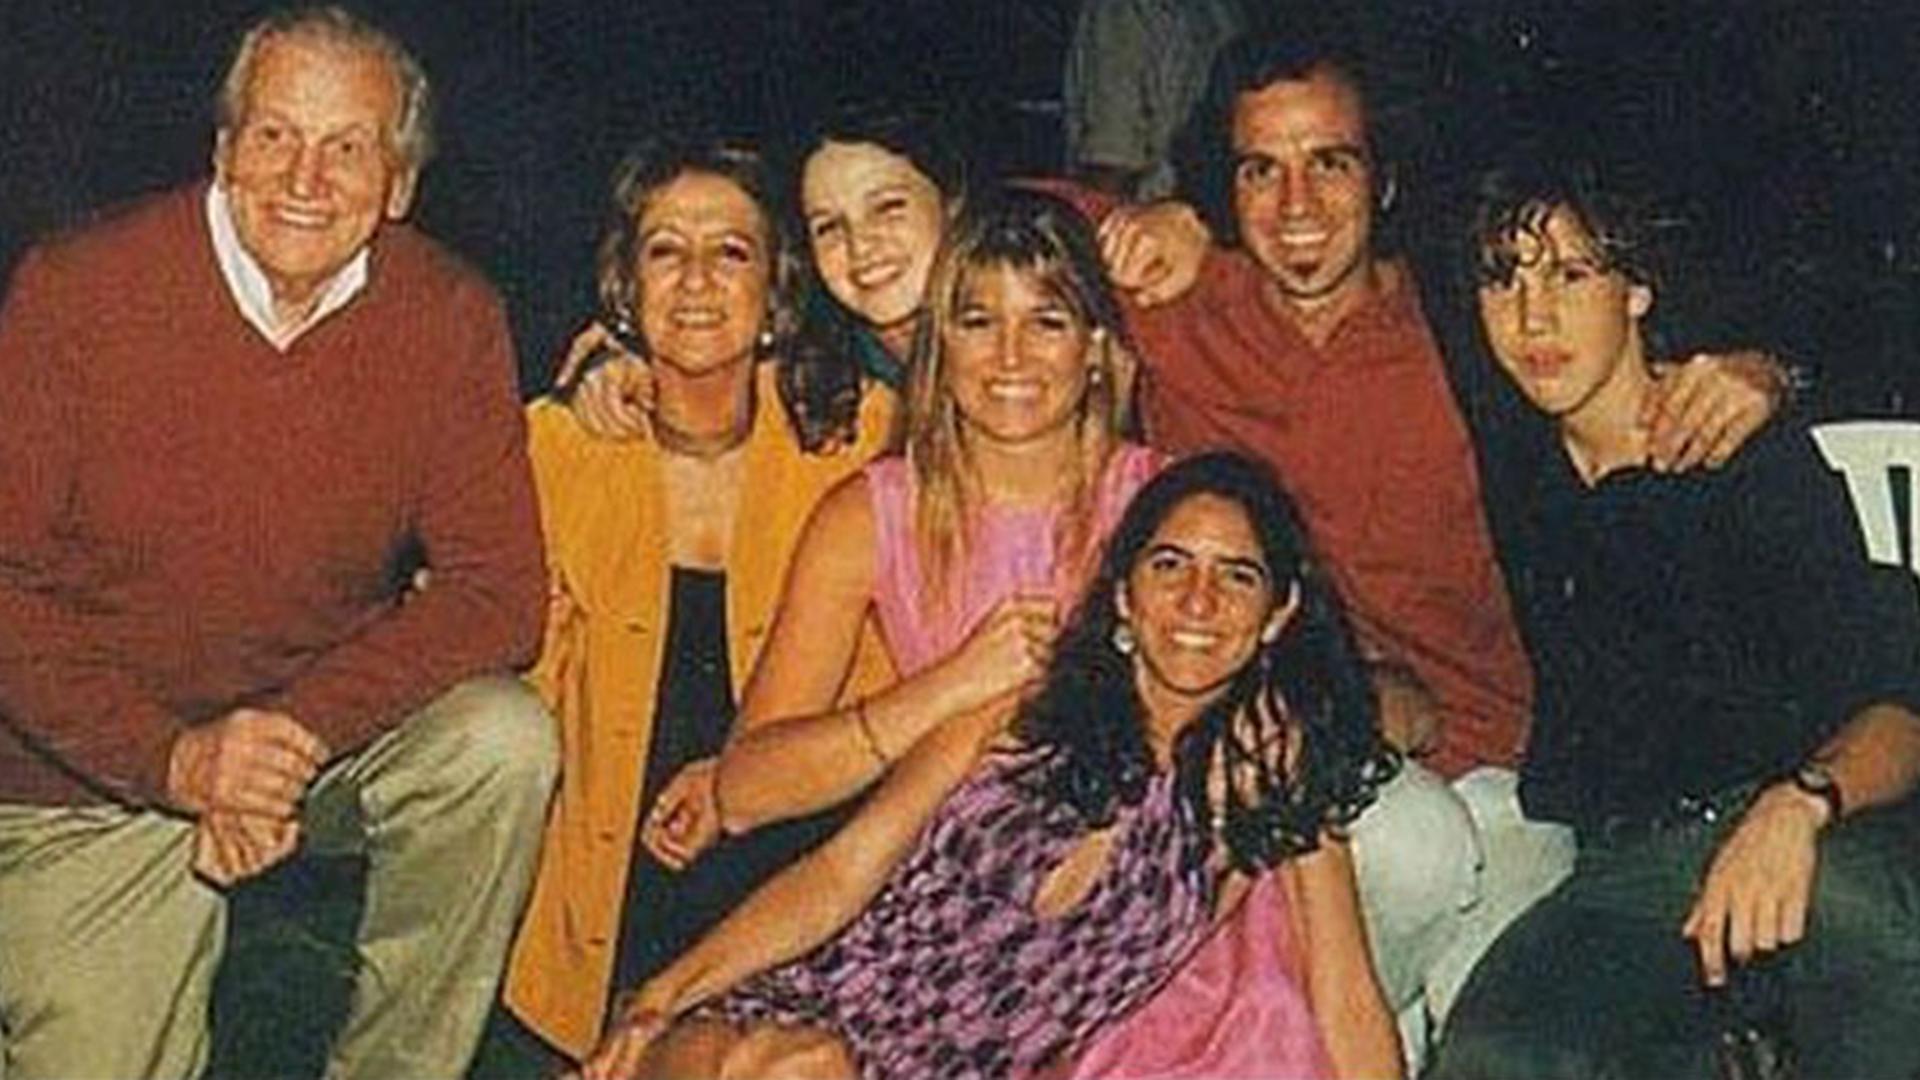 Jorge Zorreguieta, María del Carmen Cerruti, Inés, Martín y Máxima en una reunión familiar. Cuando Máxima conoció al príncipe Guillermo de Holanda, Inesita -como la llamaban en la intimidad- tenía 14 años. Fue cómplice de su hermana mayor y vivió el romance como un verdadero cuento de hadas